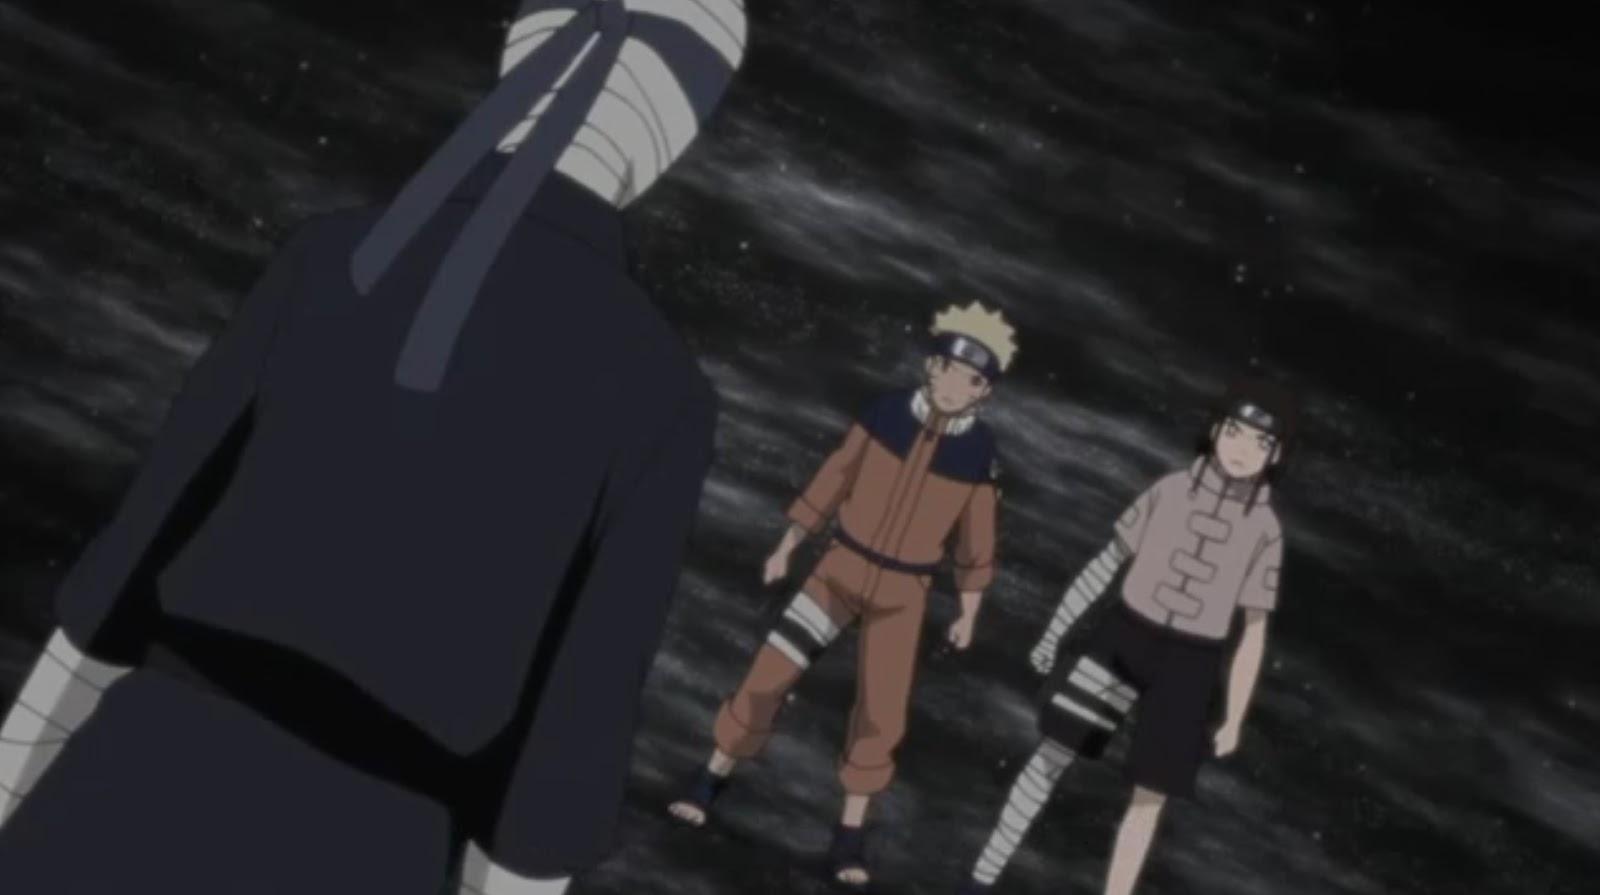 Naruto Shippuden Episódio 436, Assistir Naruto Shippuden Episódio 436, Assistir Naruto Shippuden Todos os Episódios Legendado, Naruto Shippuden episódio 436,HD